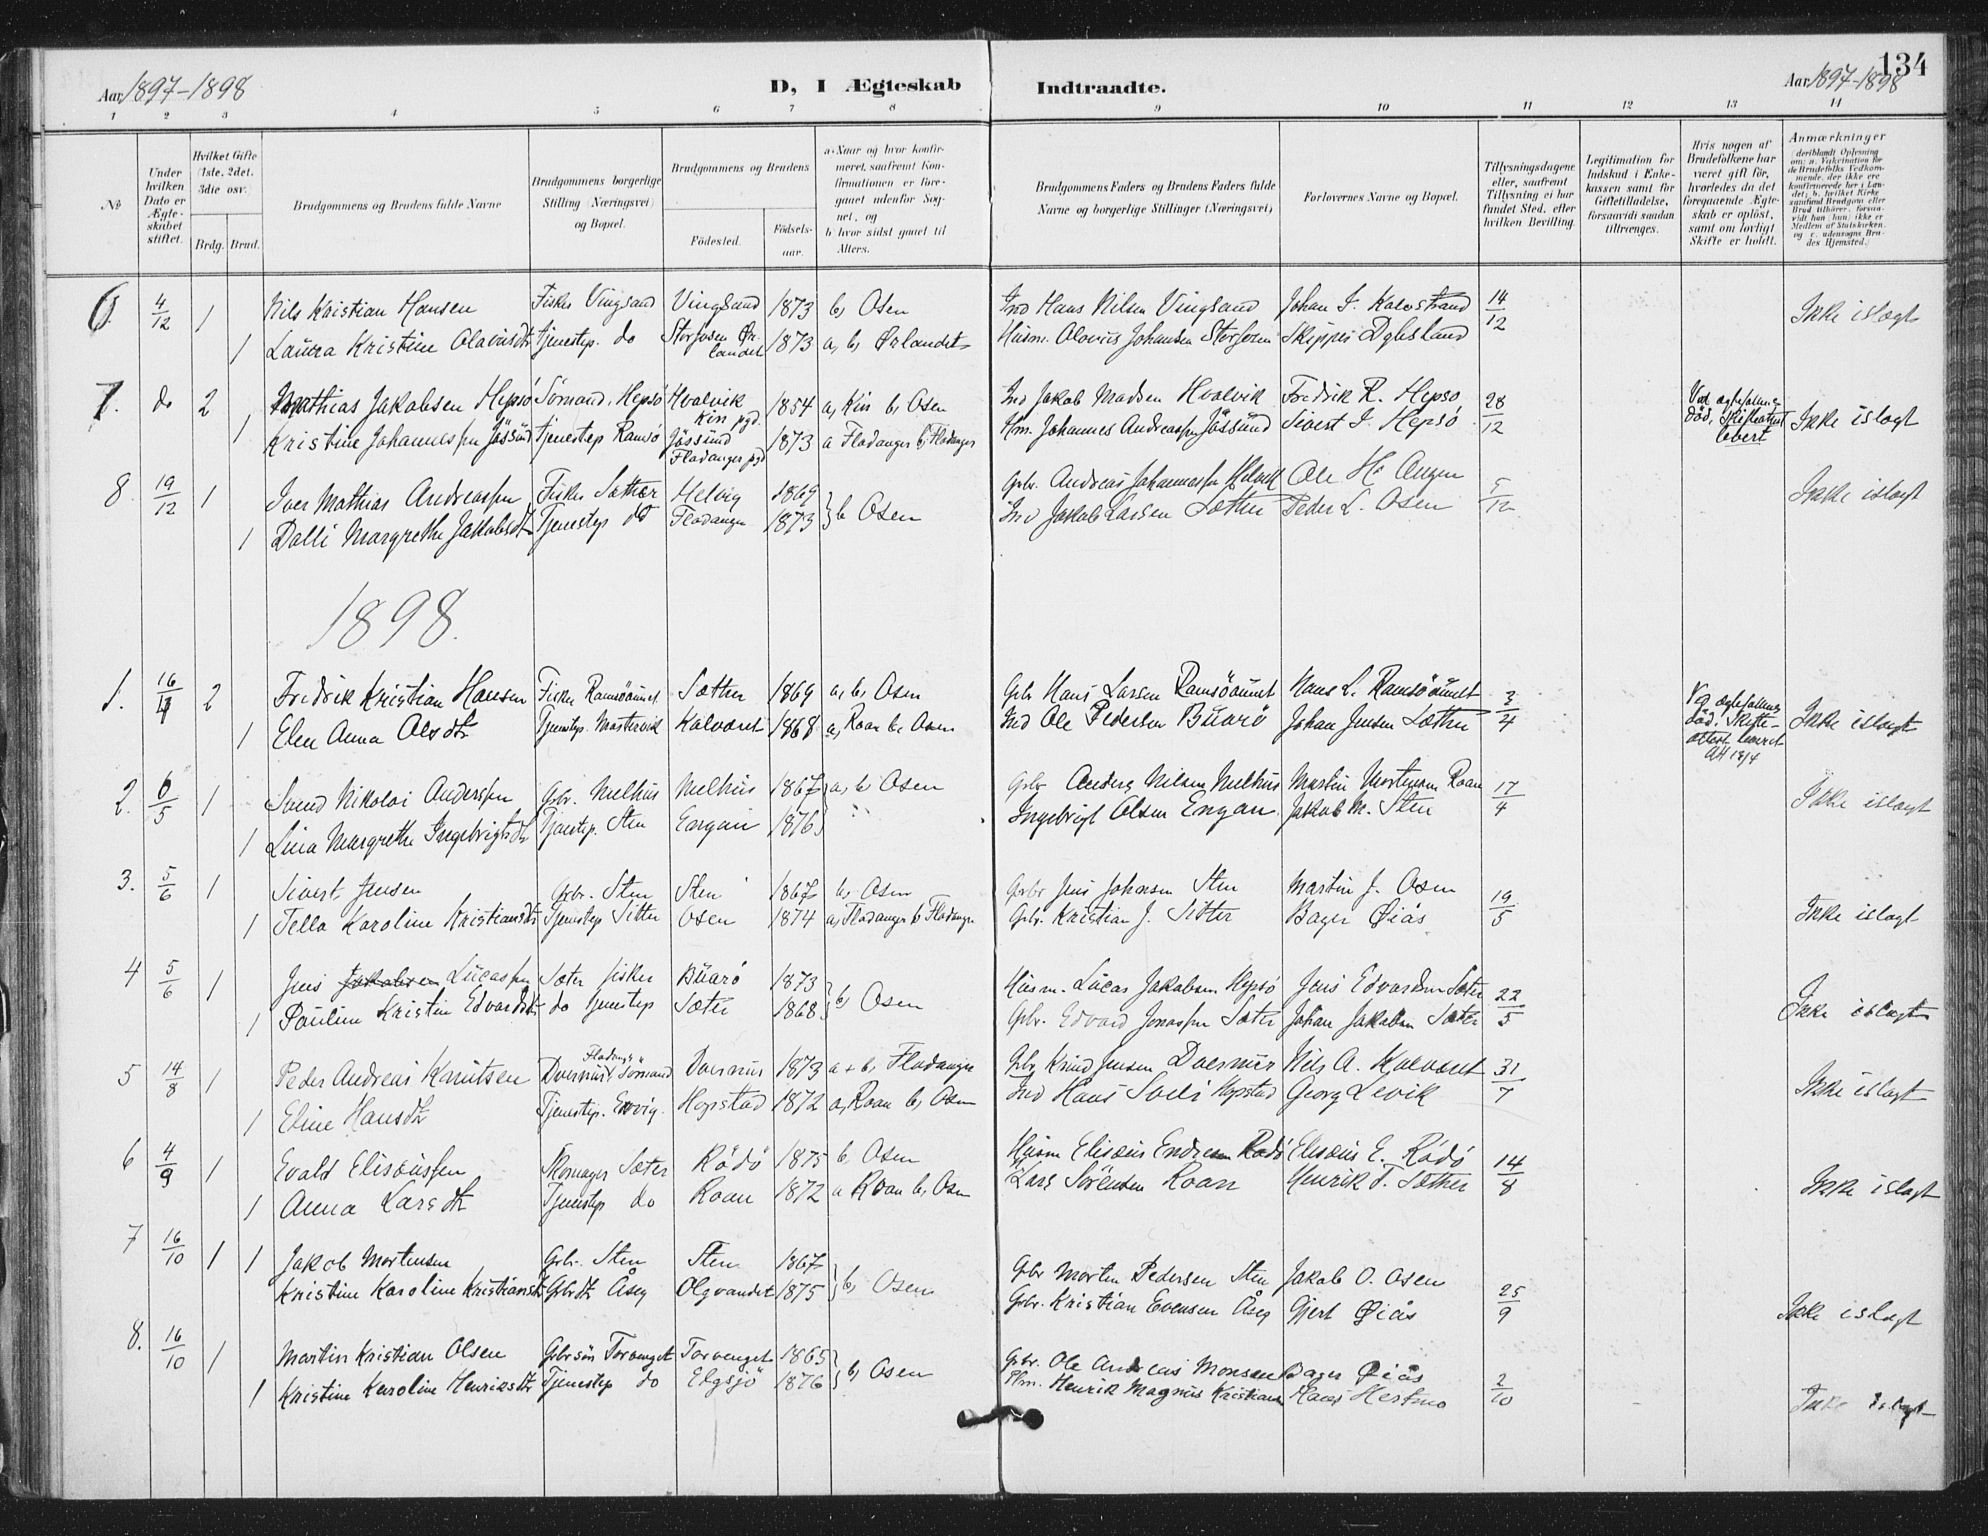 SAT, Ministerialprotokoller, klokkerbøker og fødselsregistre - Sør-Trøndelag, 658/L0723: Ministerialbok nr. 658A02, 1897-1912, s. 134